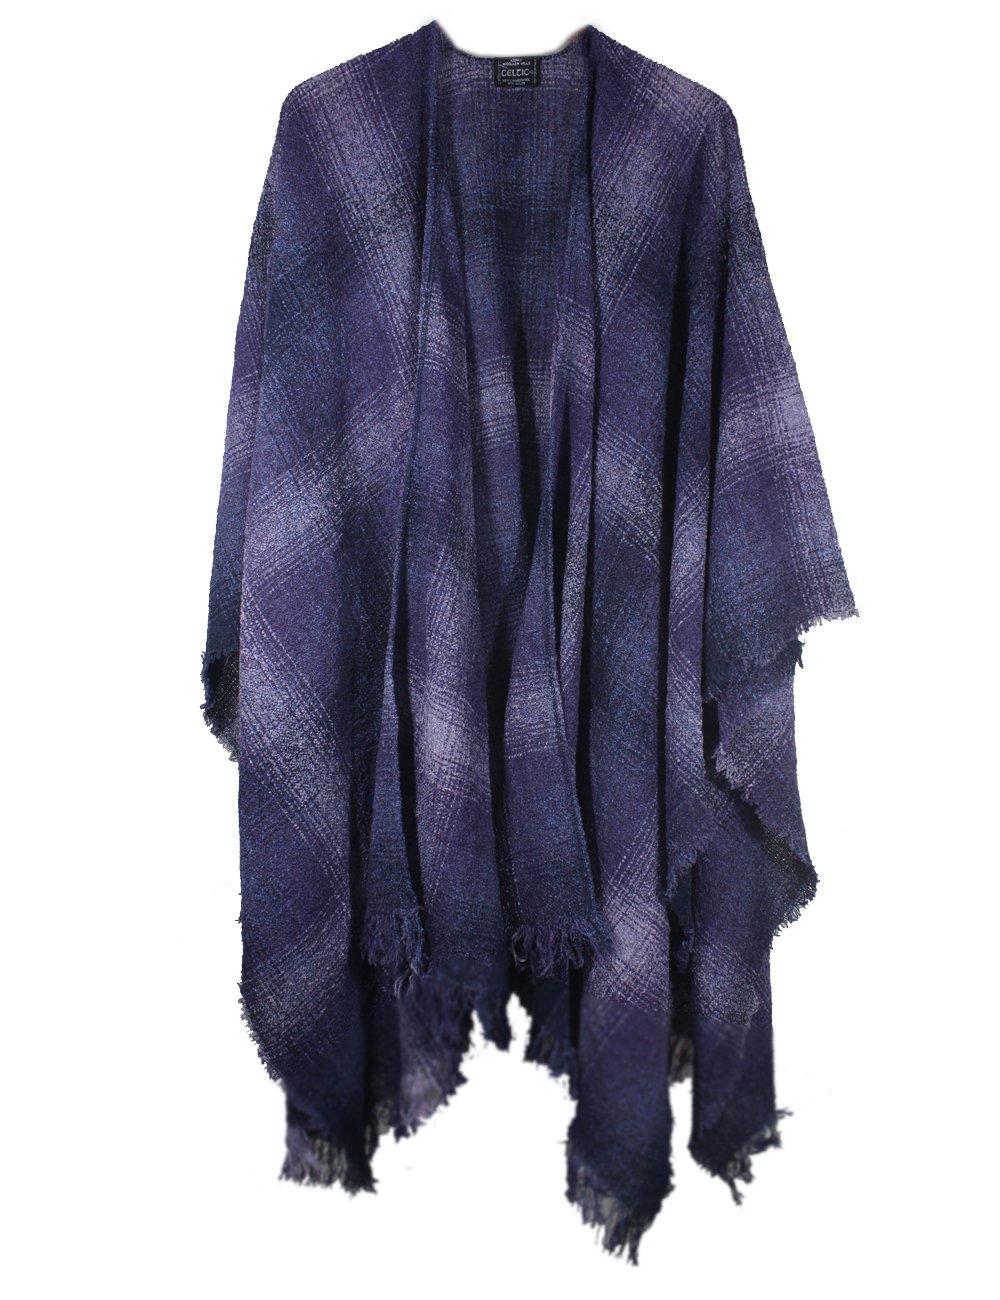 Wool Ruana Purple Check Kerry Woollen Mills Irish Made